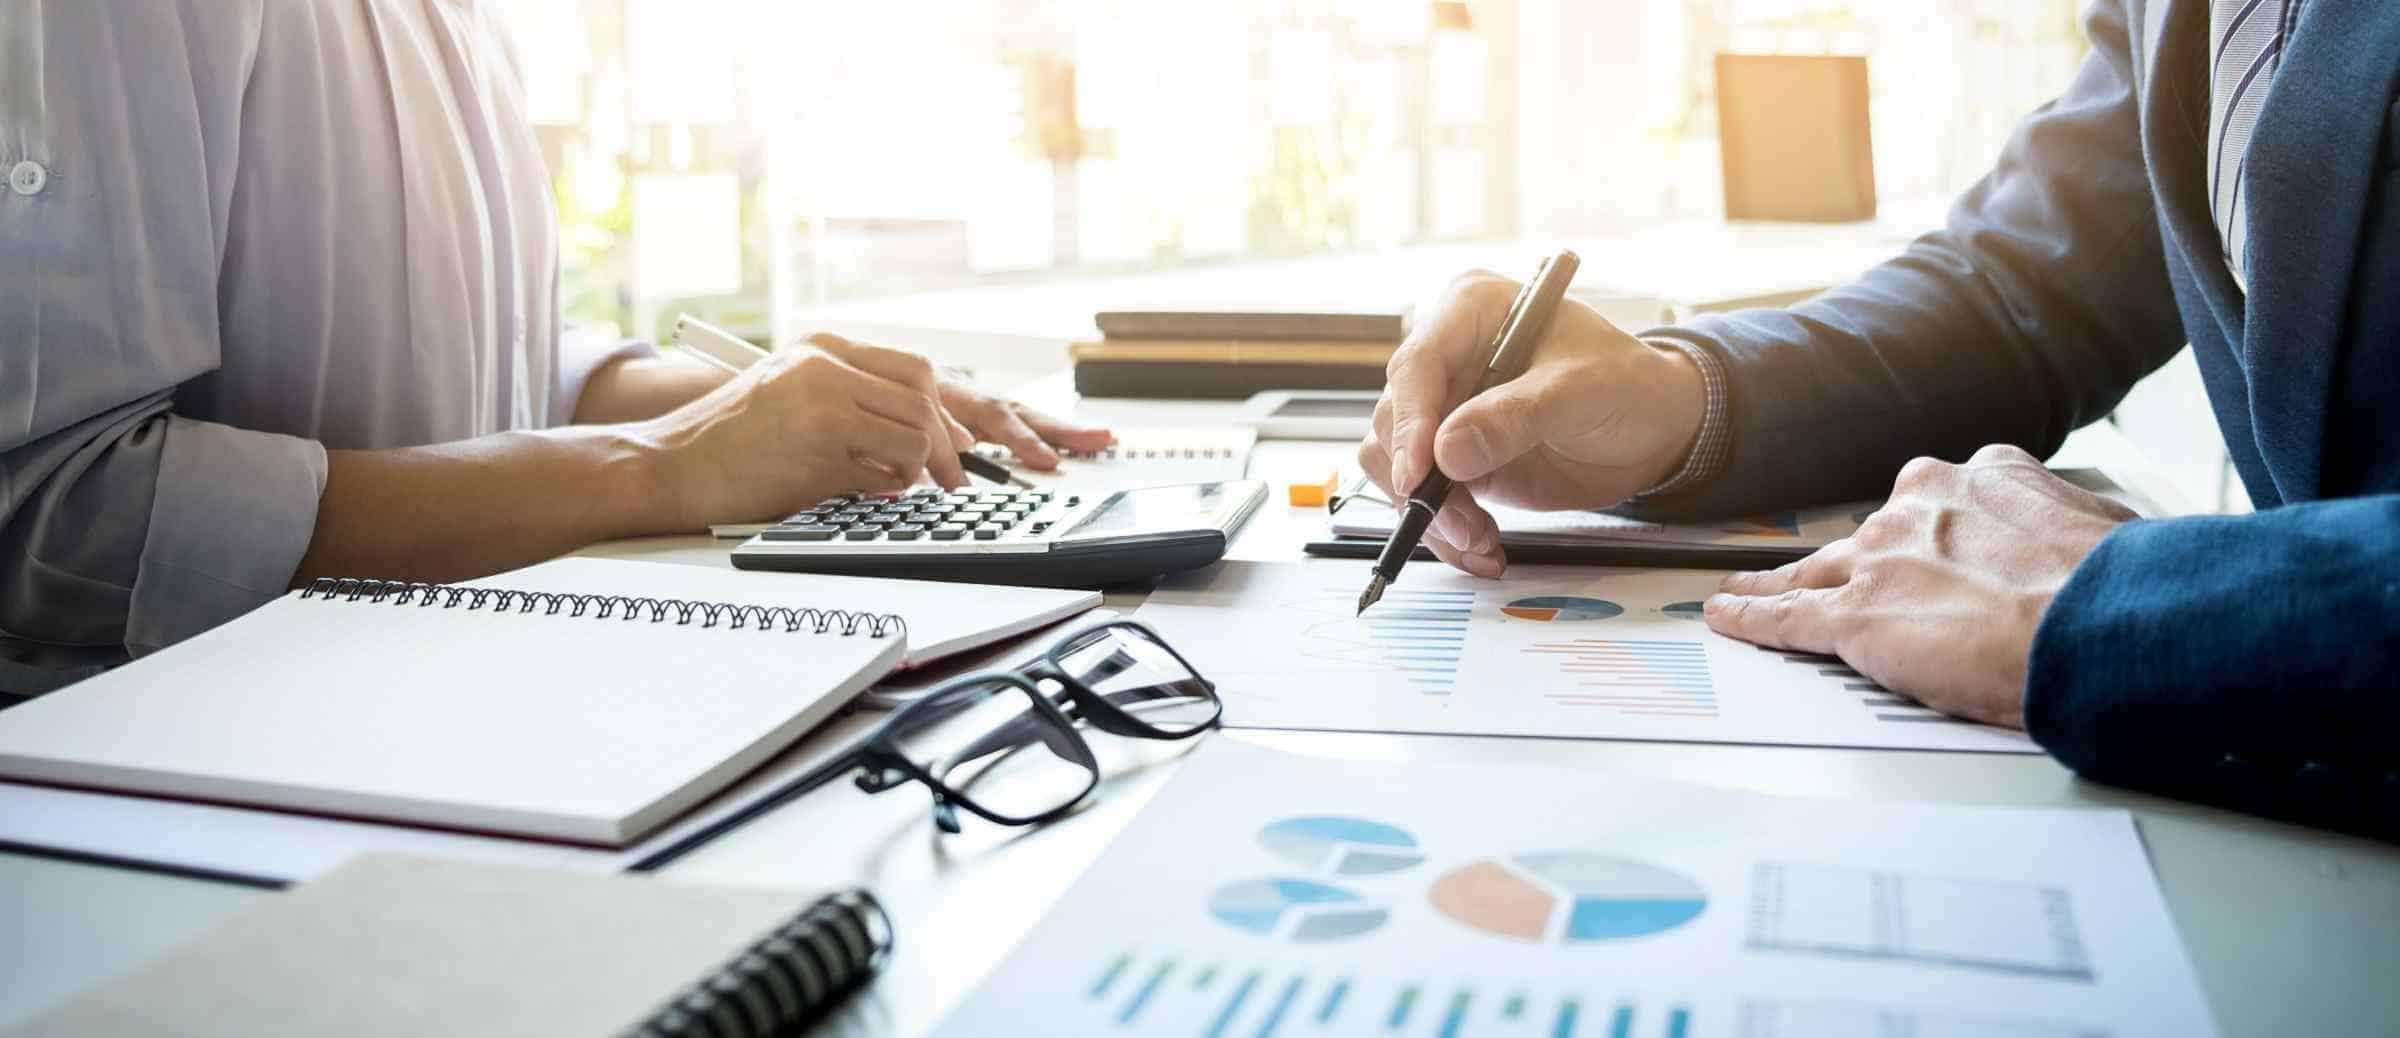 Entendendo o spread e o papel dos arbitradores